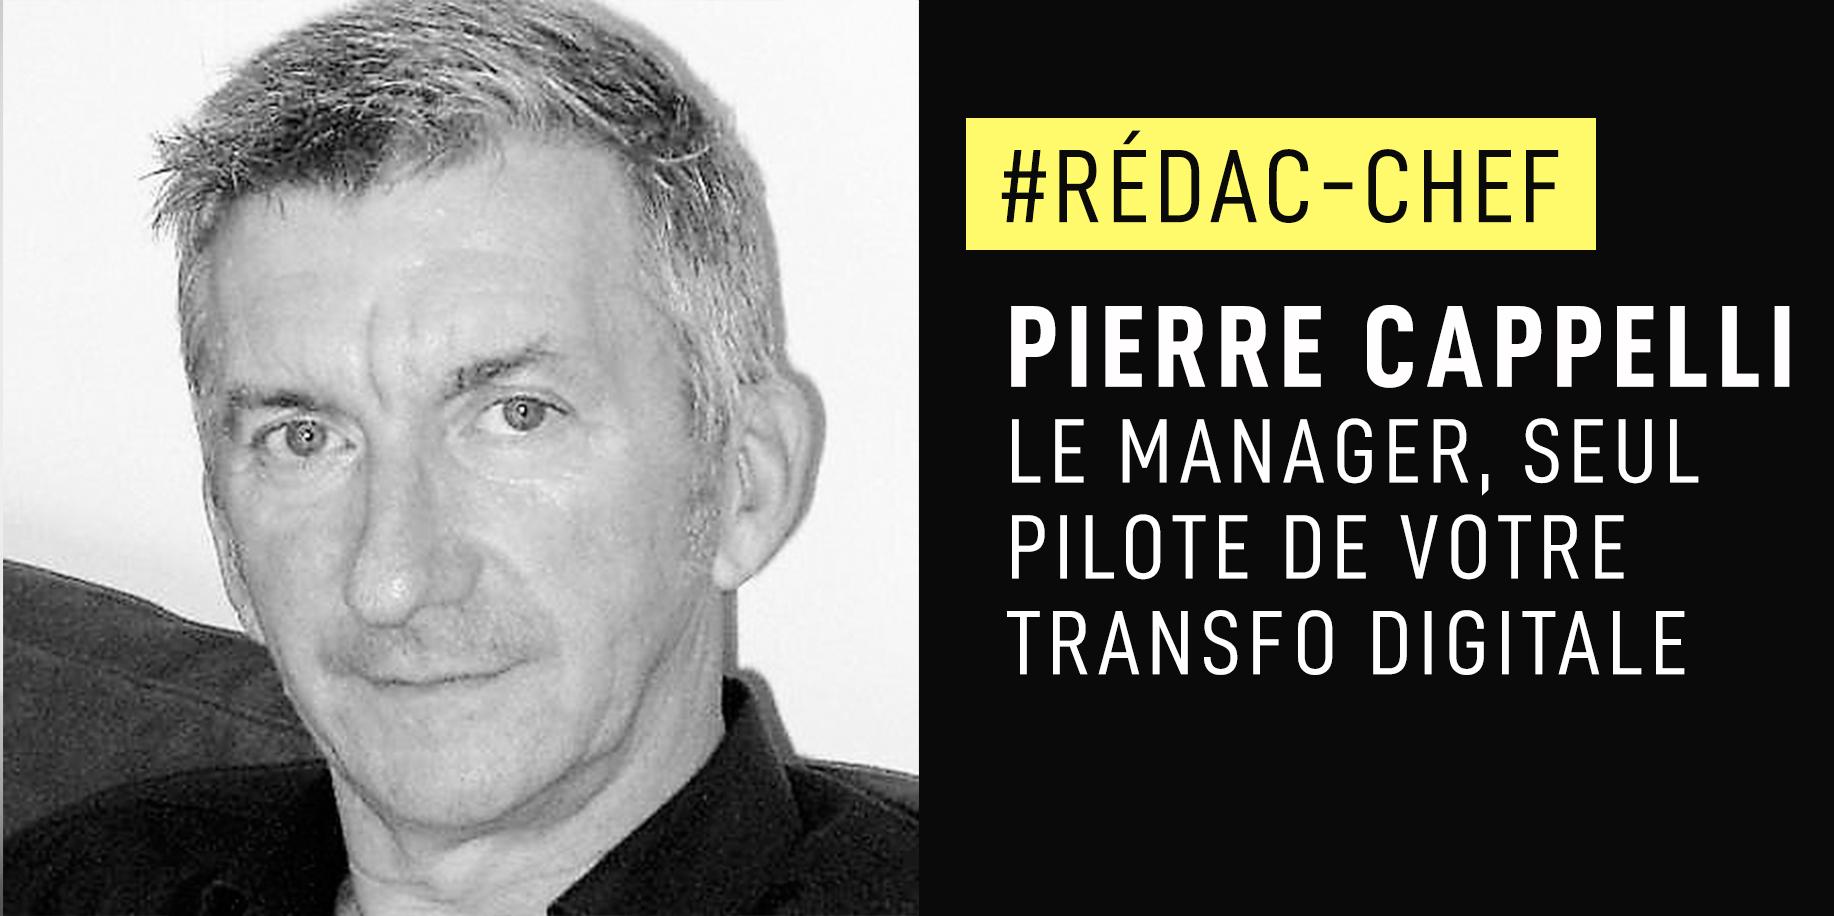 RC PIERRE.jpg